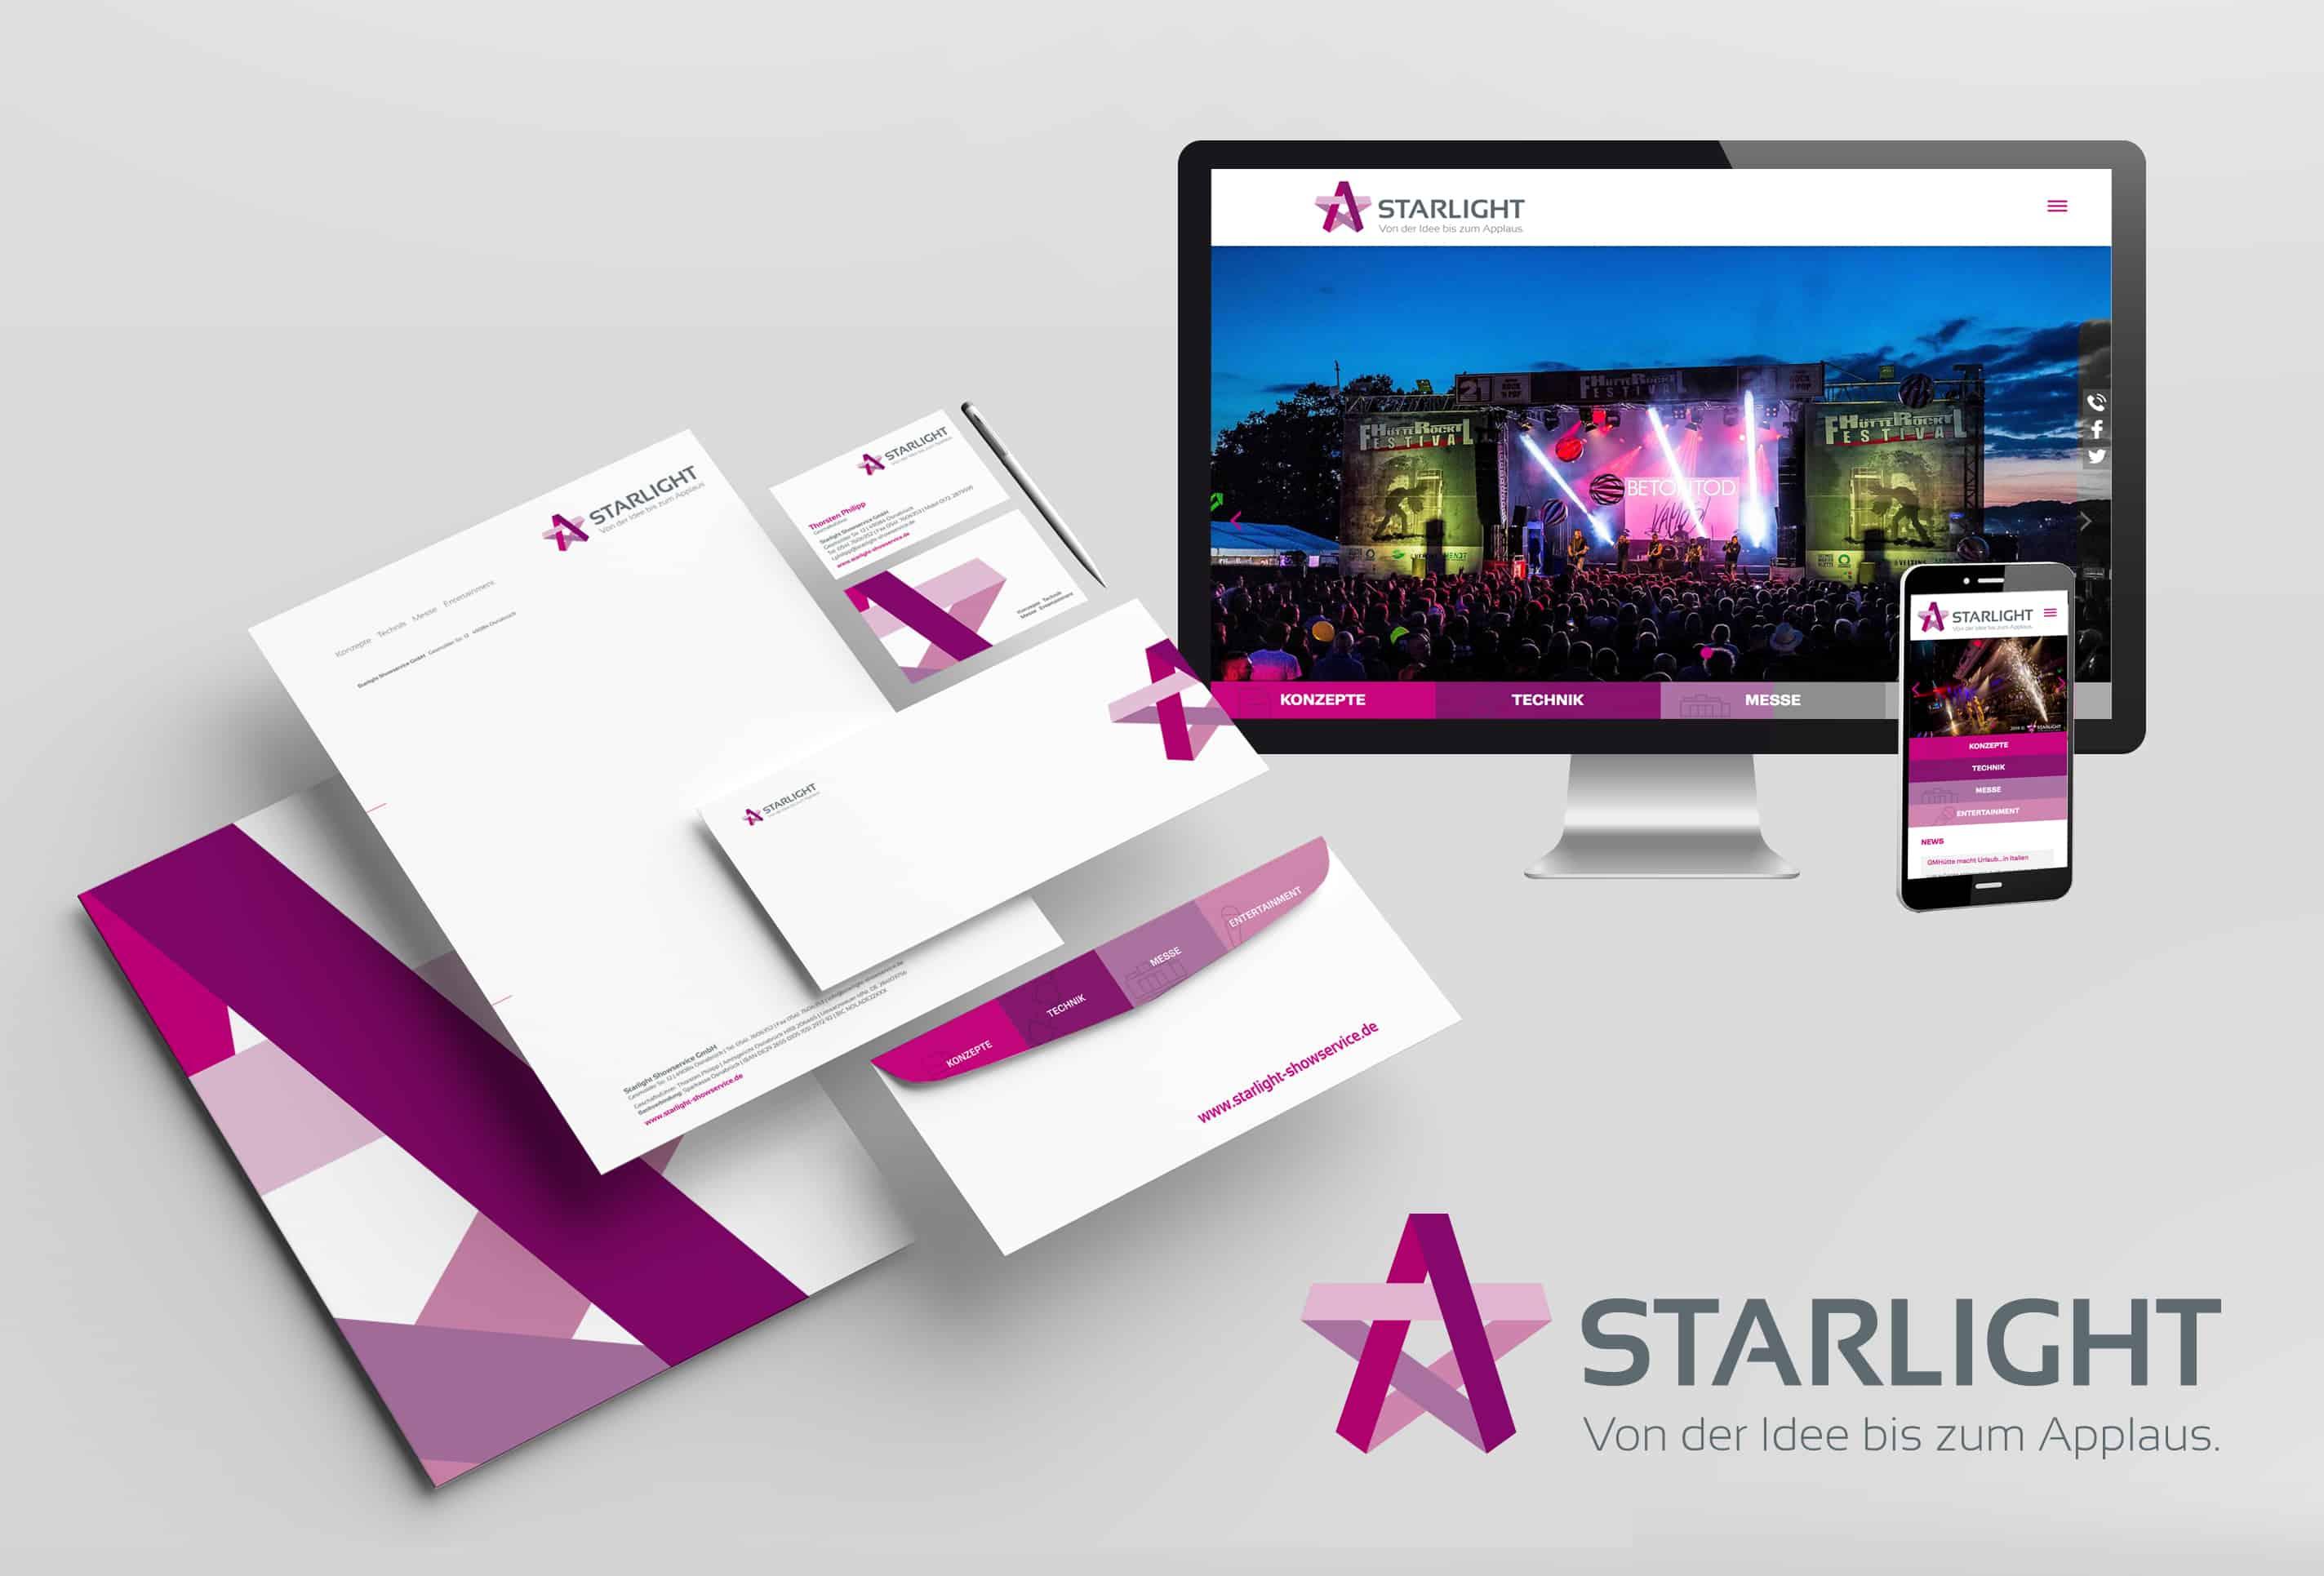 Starlight Corporate Design gestaltet von team4media - Ihre Werbeagentur aus Osnabrück